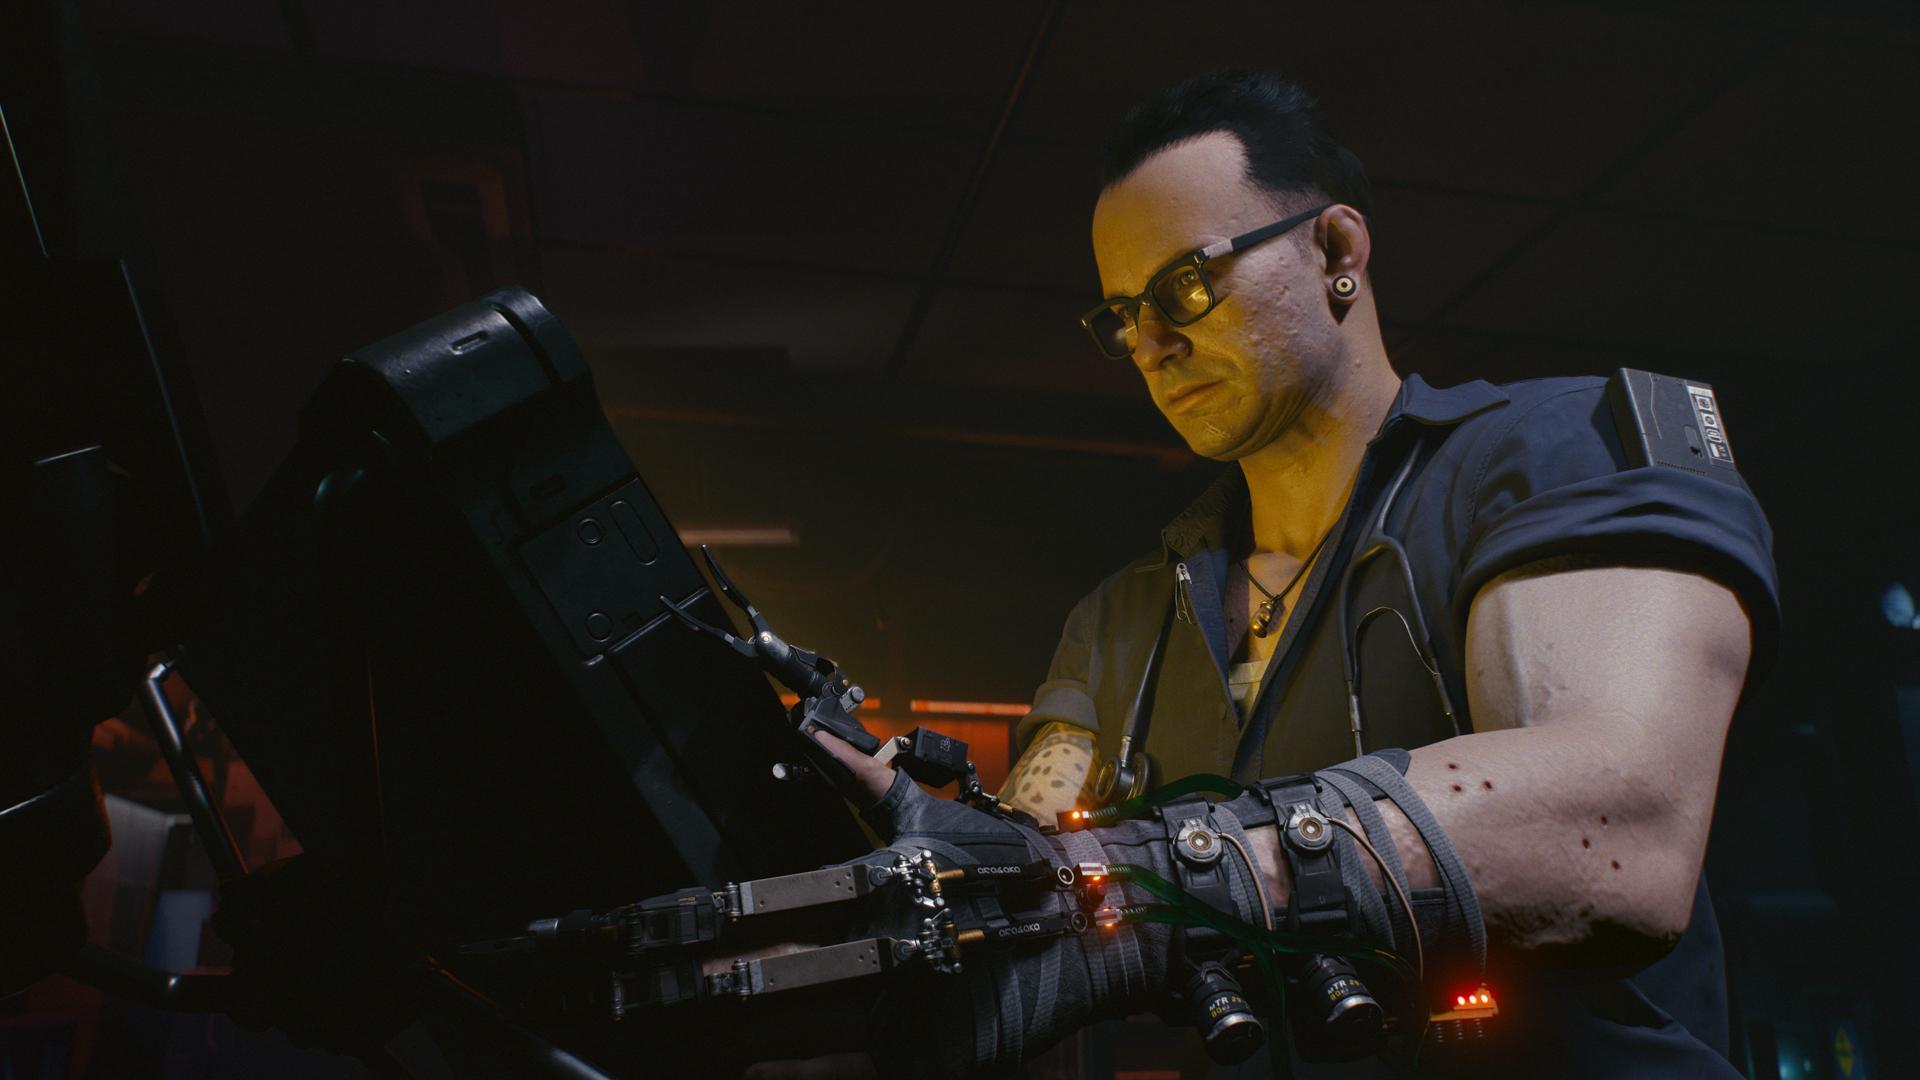 Охота продолжается: в Cyberpunk 2077 будут задания, напоминающие контракты на чудовищ из The Witcher 3